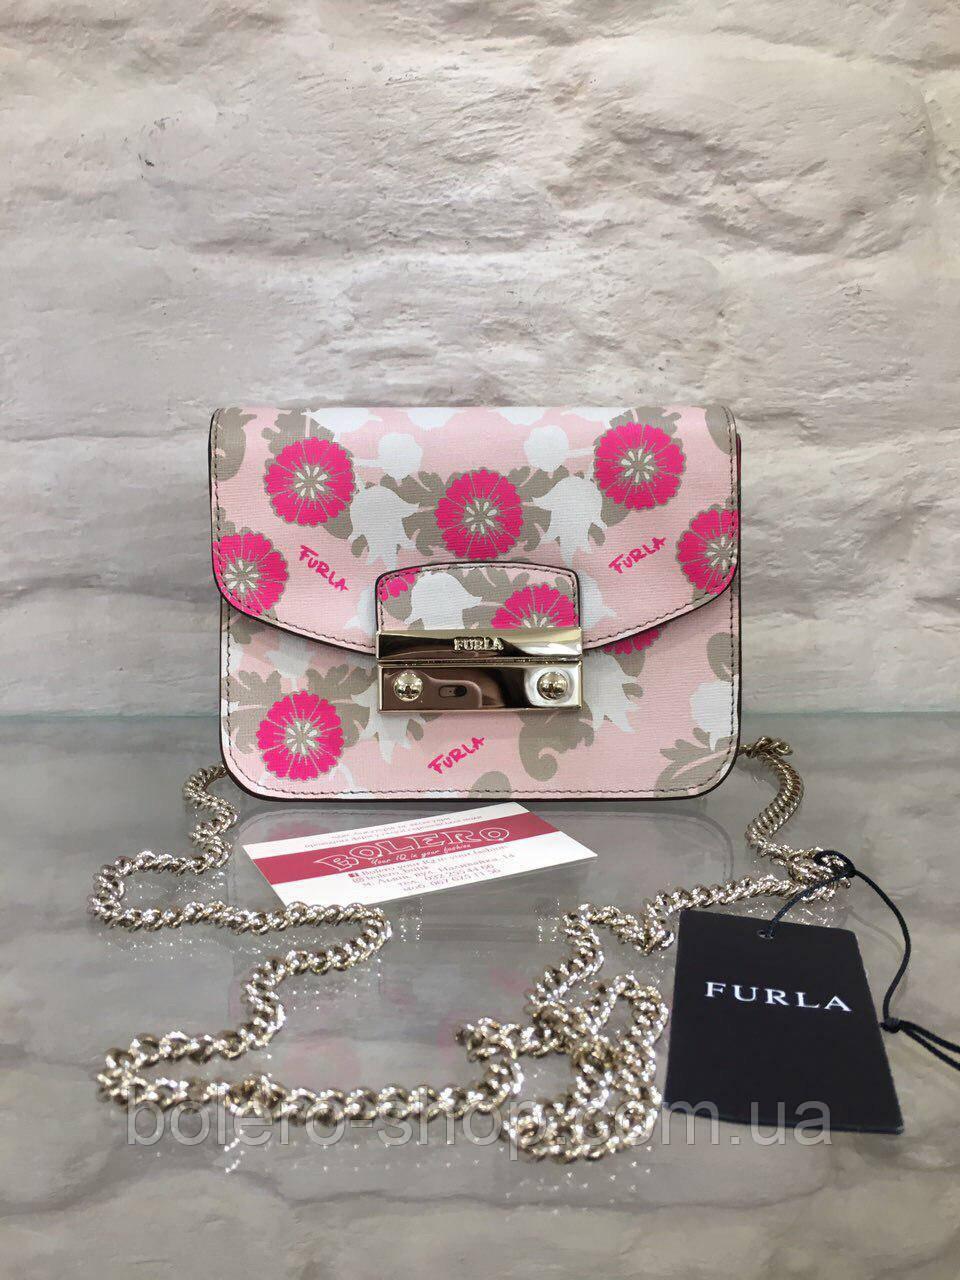 Сумка Италия Furla оригинал нежно-розовый